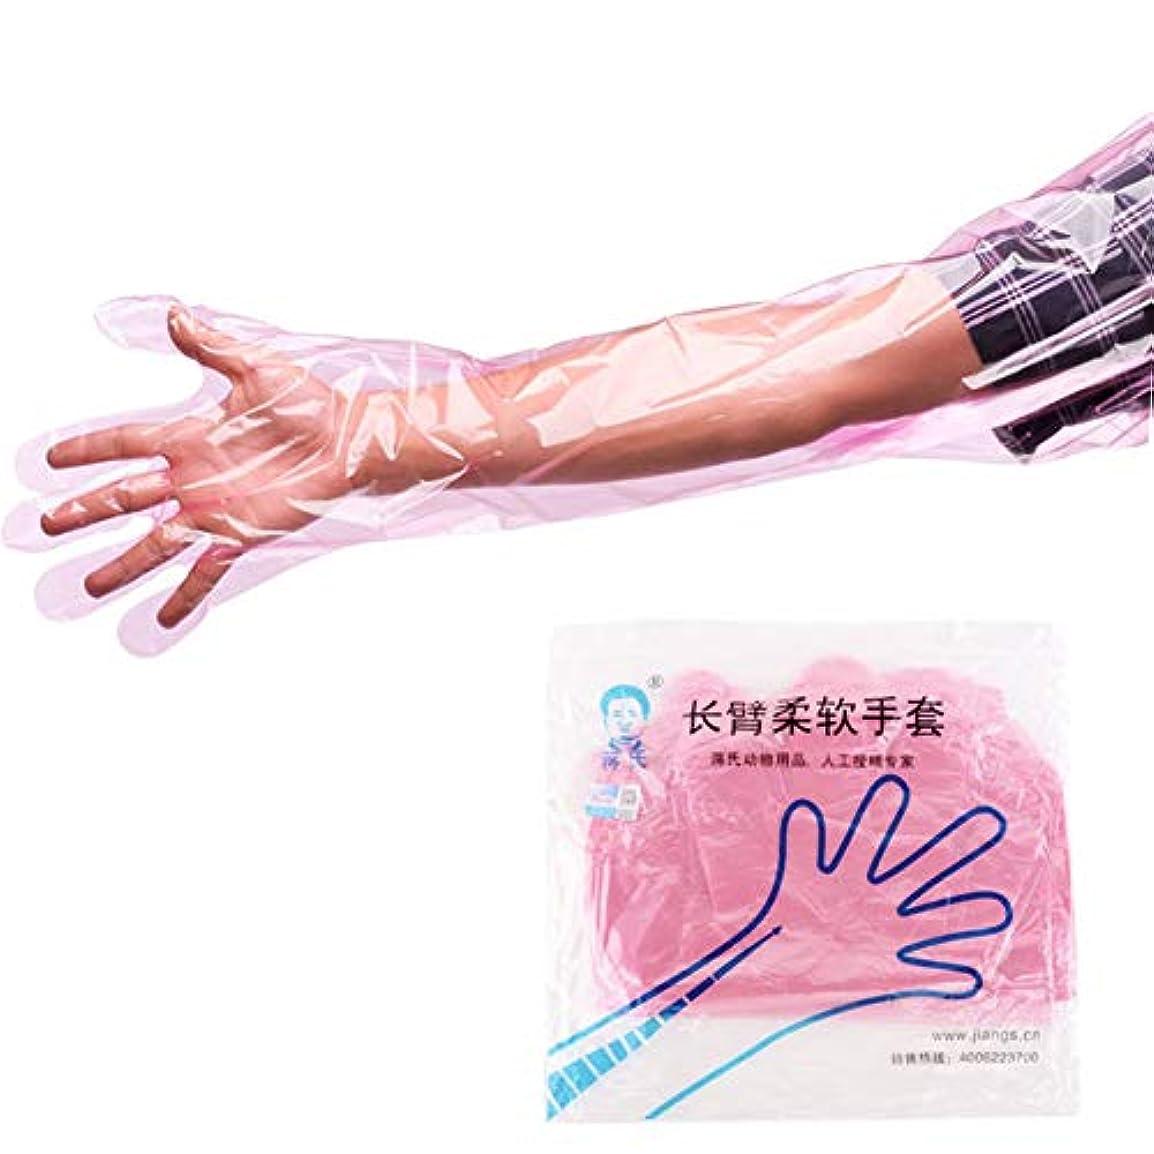 再生的講義パワーSweetiChic 使い捨てロングアームグローブ 柔らかい 厚くする 獣医検査 50個/バッグ